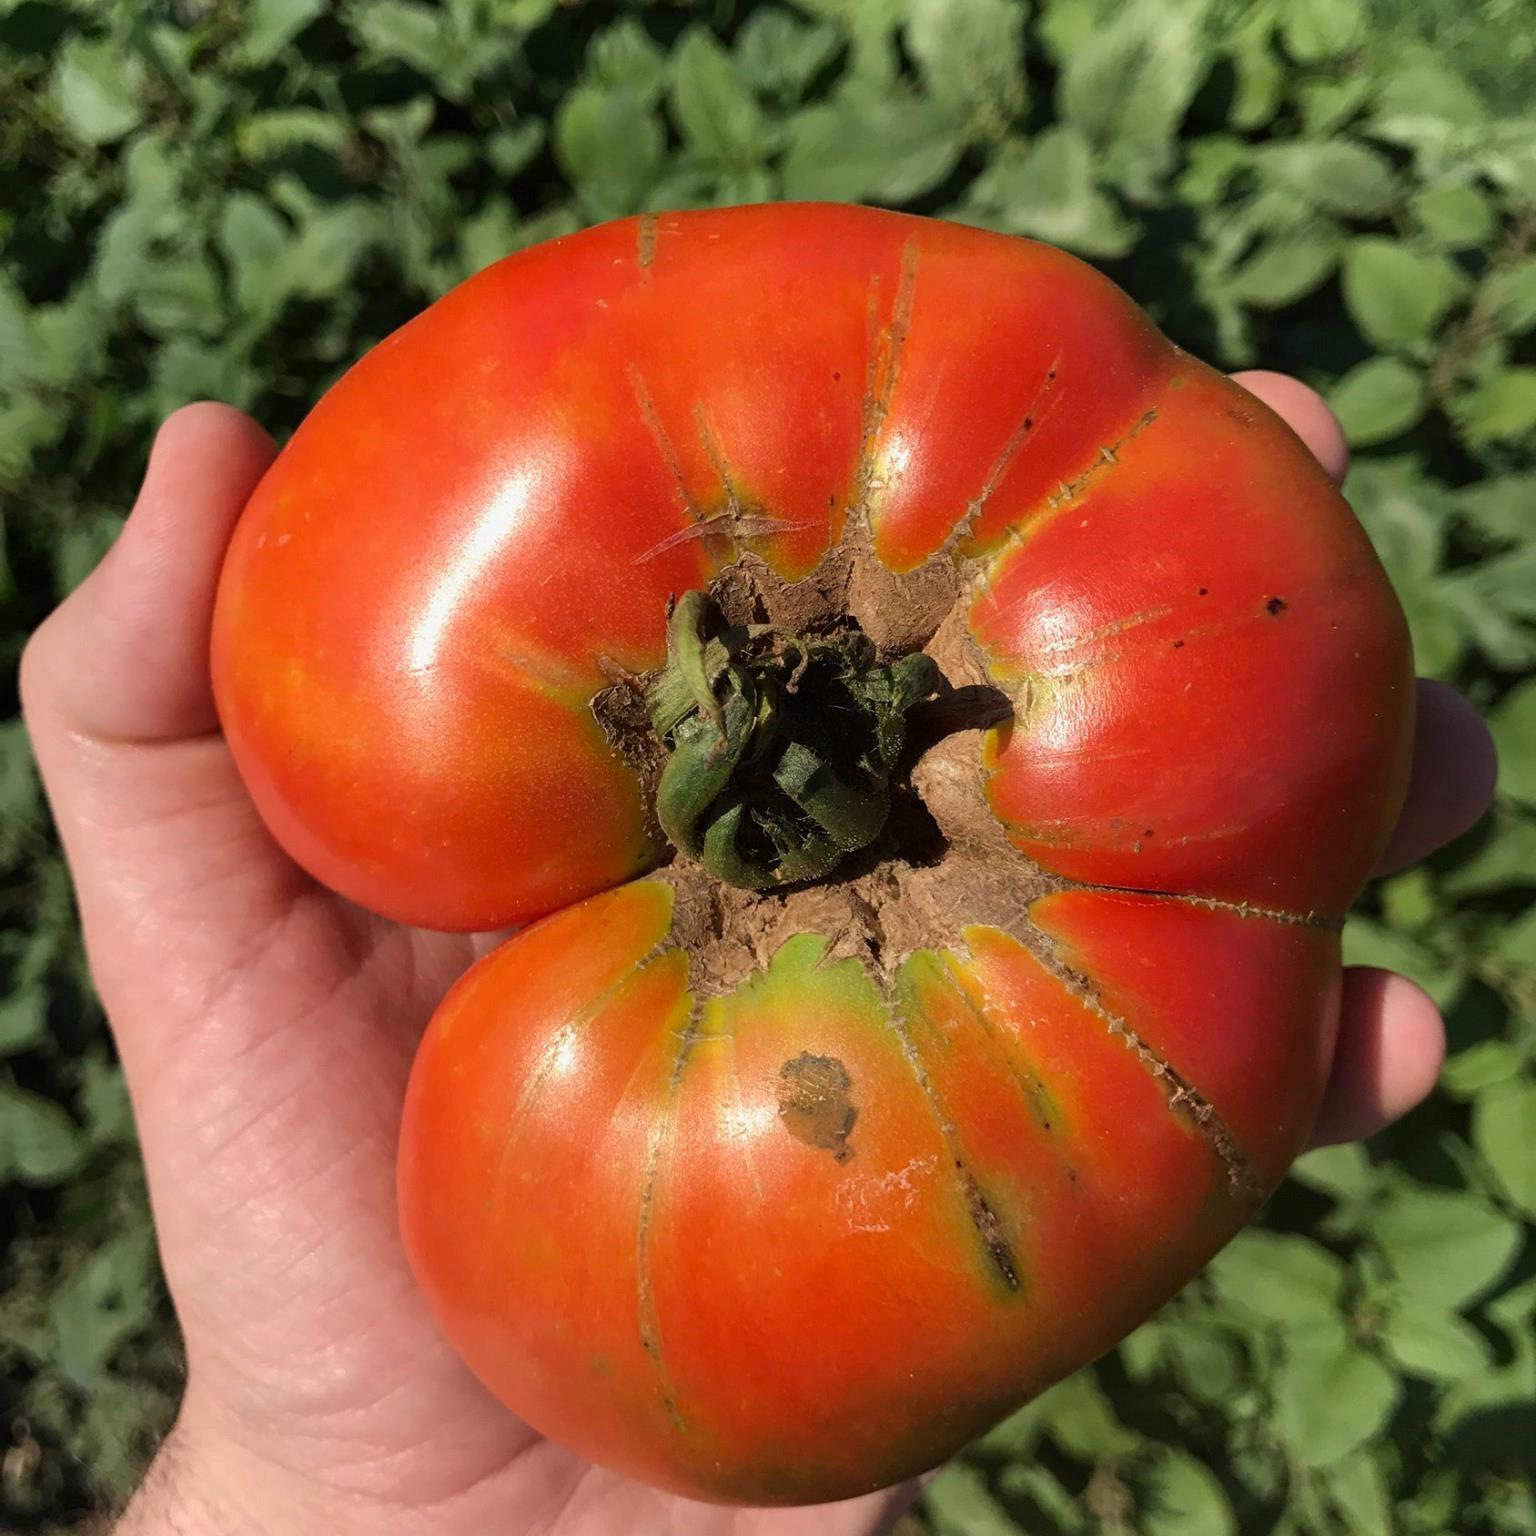 blog der landwirtschaft und imkerei naranjas del carmen kundenerfahrungen die tomaten. Black Bedroom Furniture Sets. Home Design Ideas